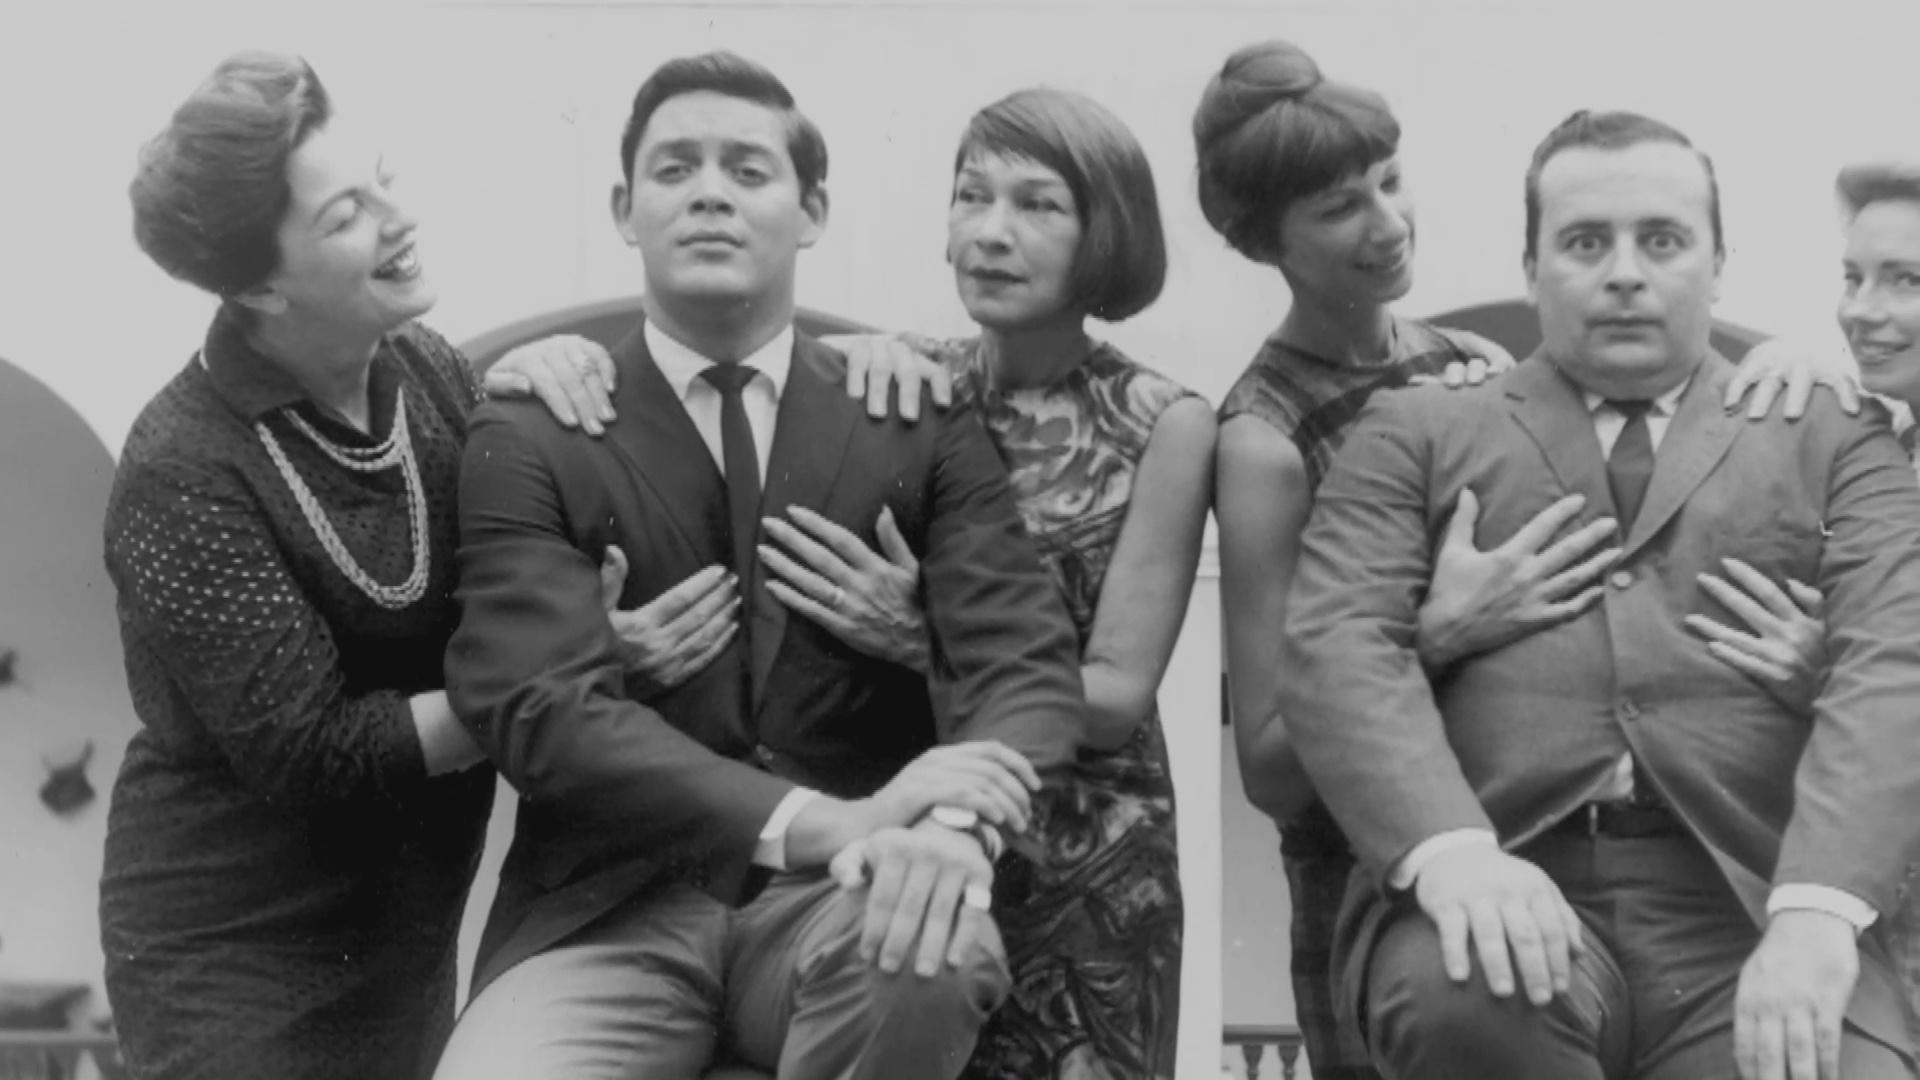 Rita Moreno & Edward James Olmos on the discrimination